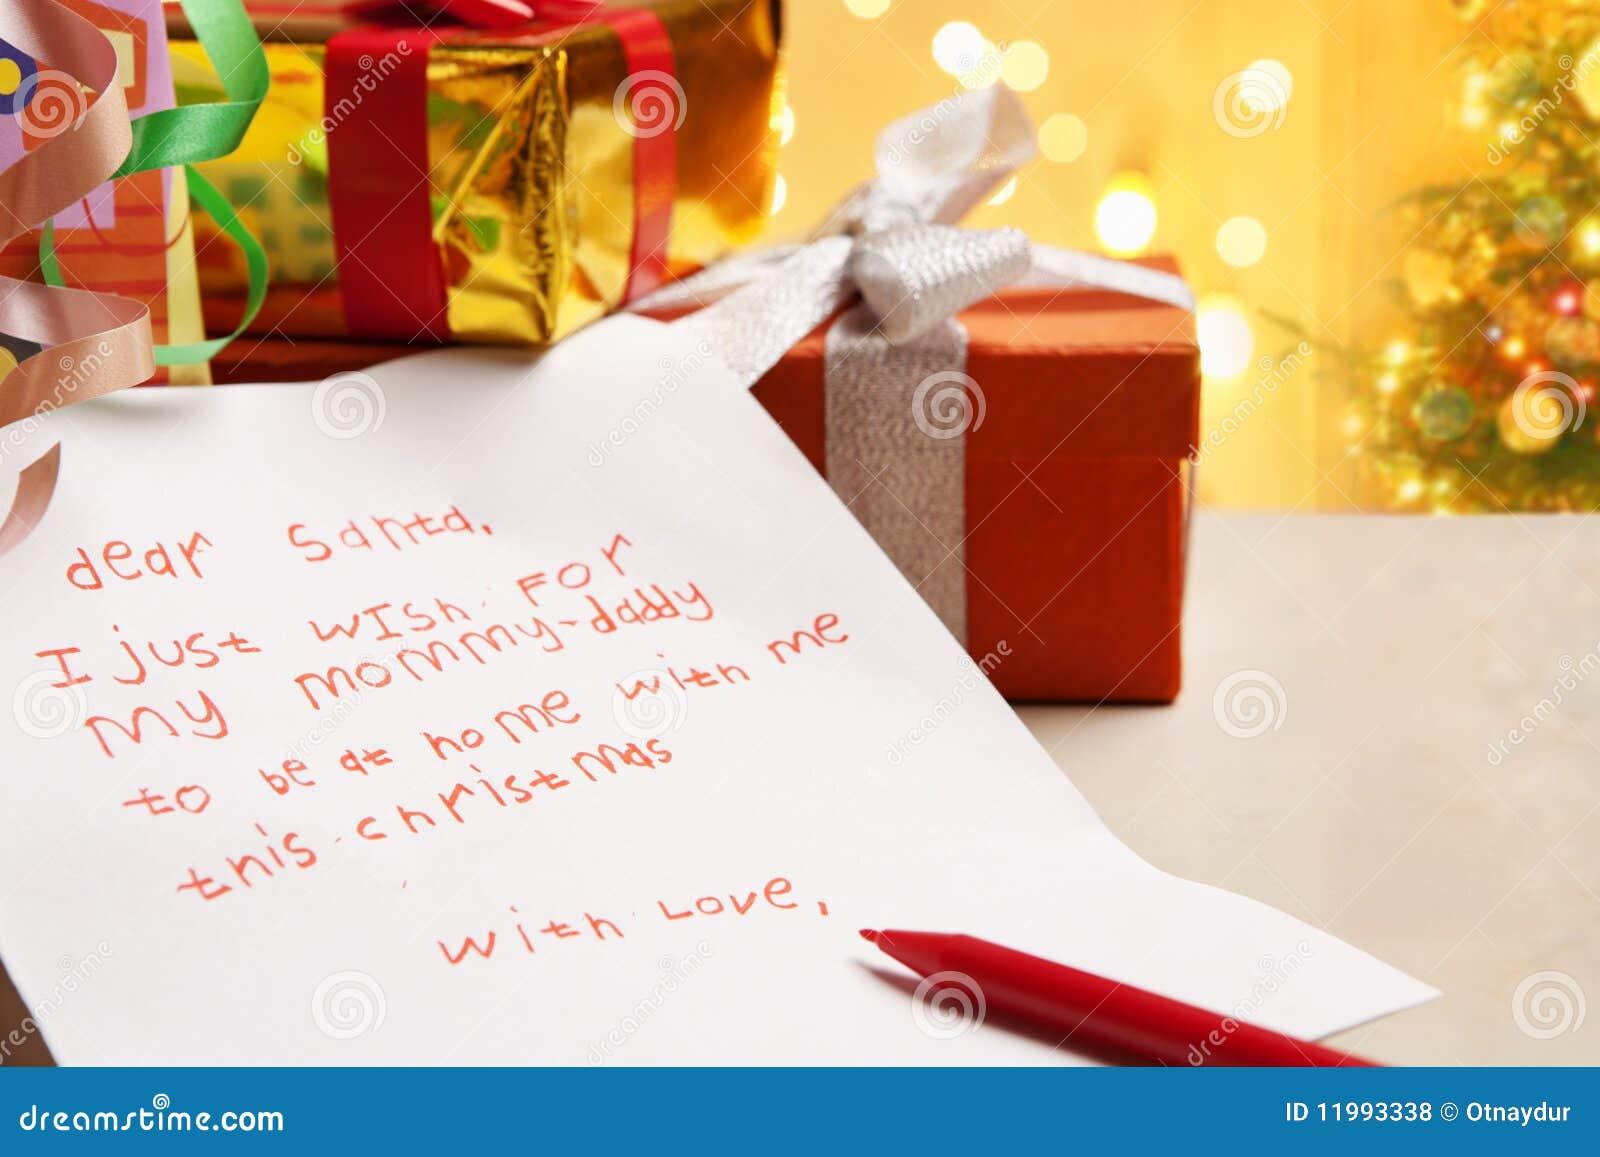 zutreffender wunsch des kindes auf weihnachten stockfoto bild 11993338. Black Bedroom Furniture Sets. Home Design Ideas